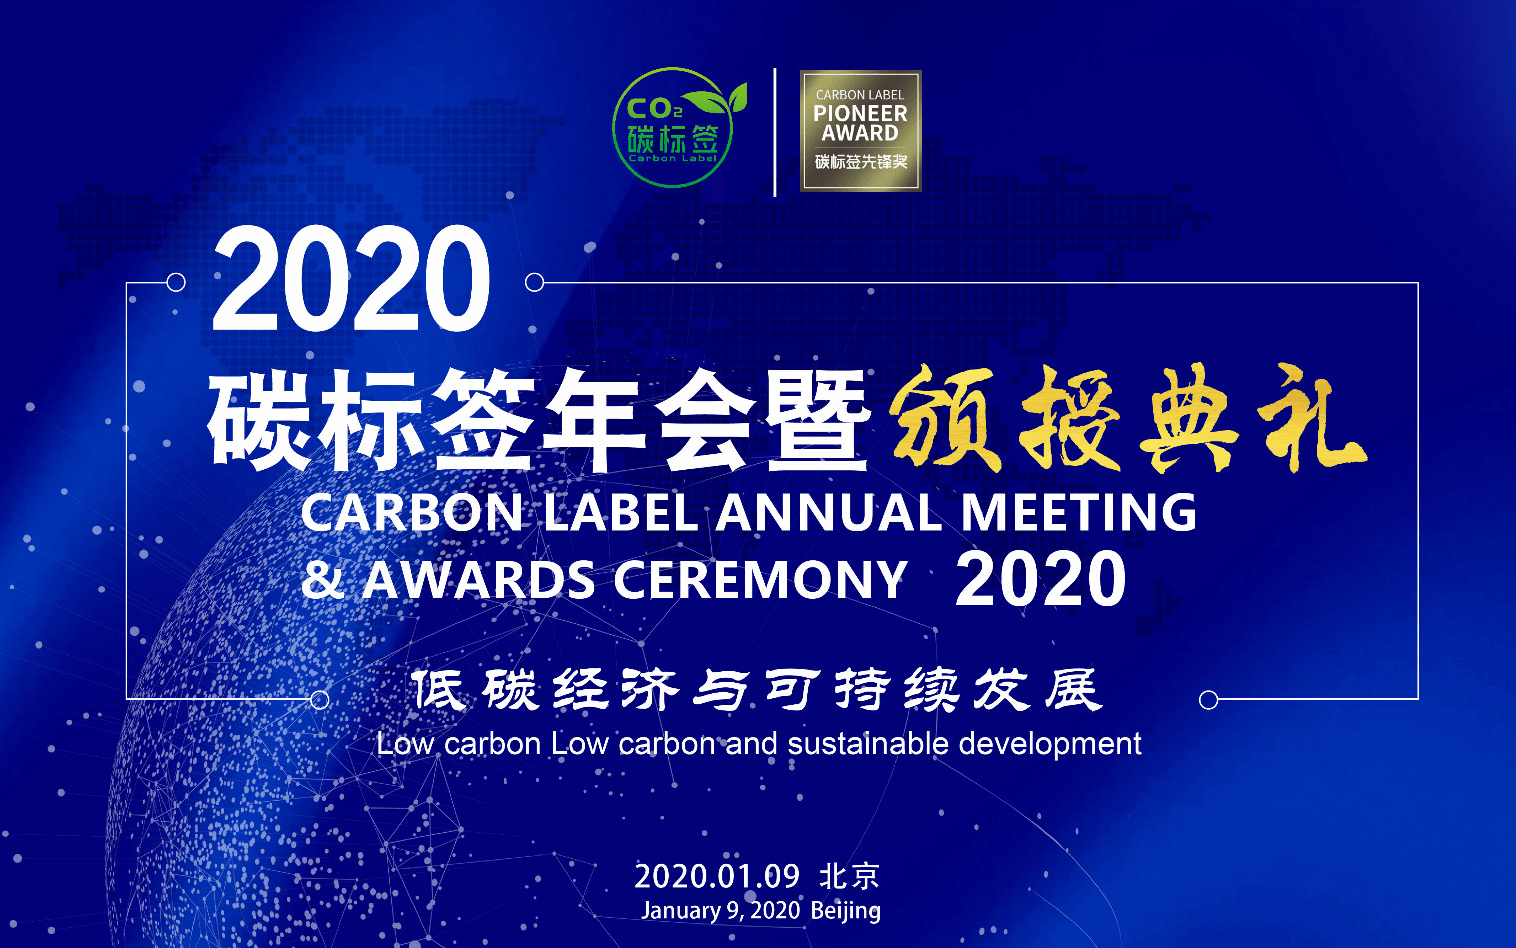 2020碳標簽年會暨頒授典禮 -低碳經濟與可持續發展